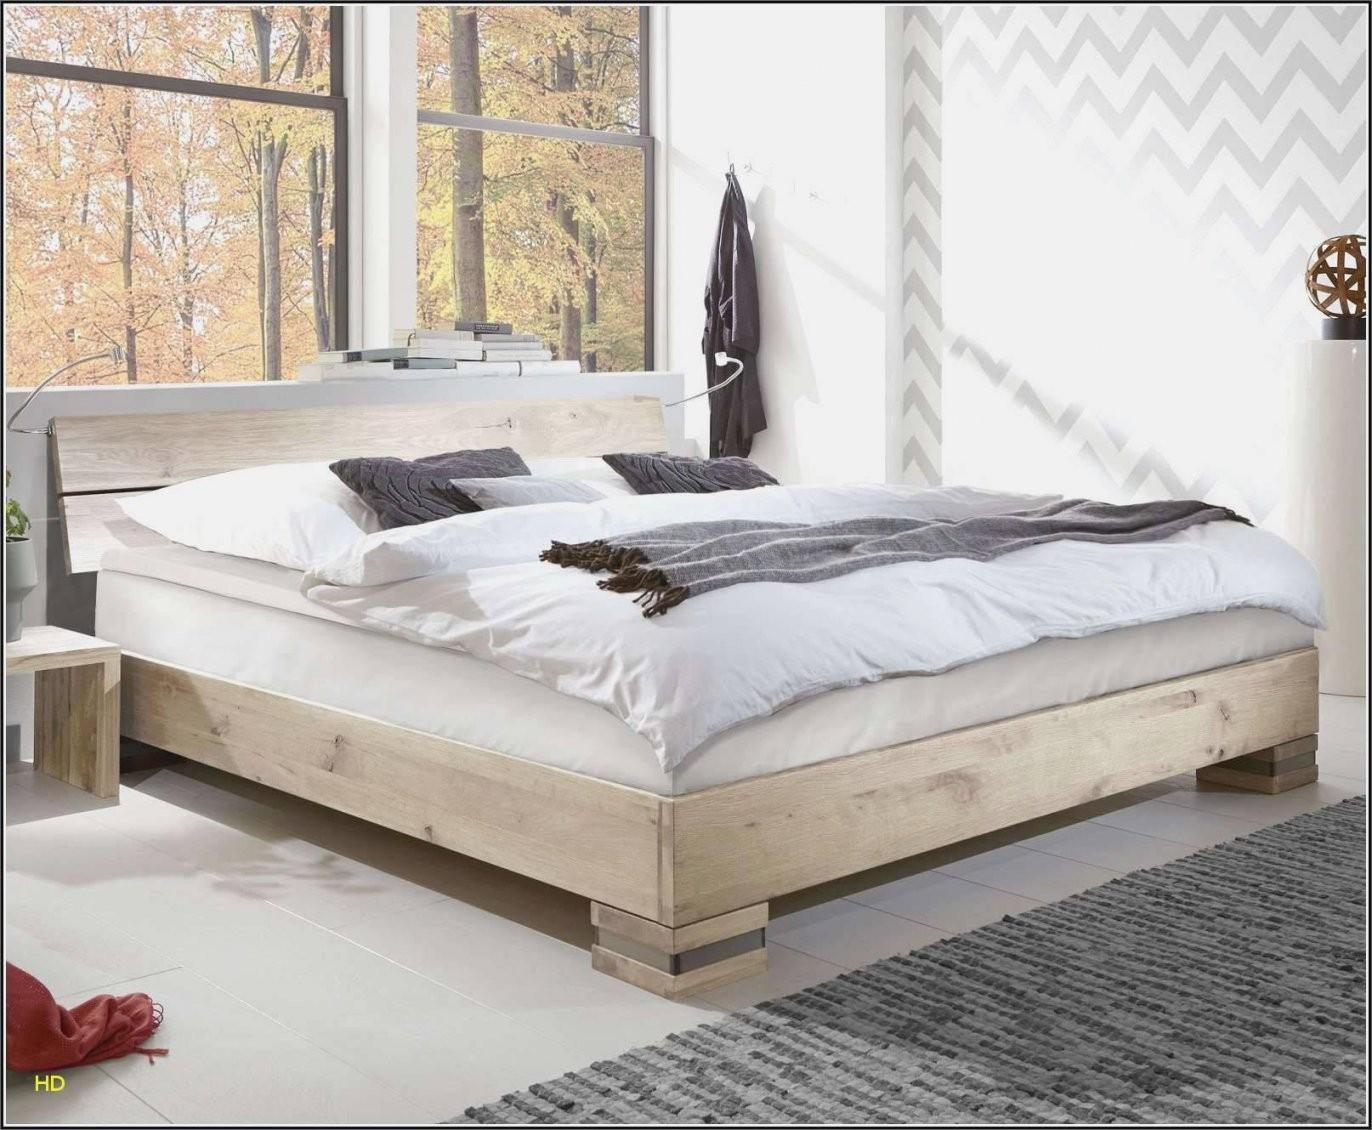 Bett 120×200 Mit Matratze Neu 14 Beautiful Bett Mit Matratze Und von Otto Bett 120X200 Bild